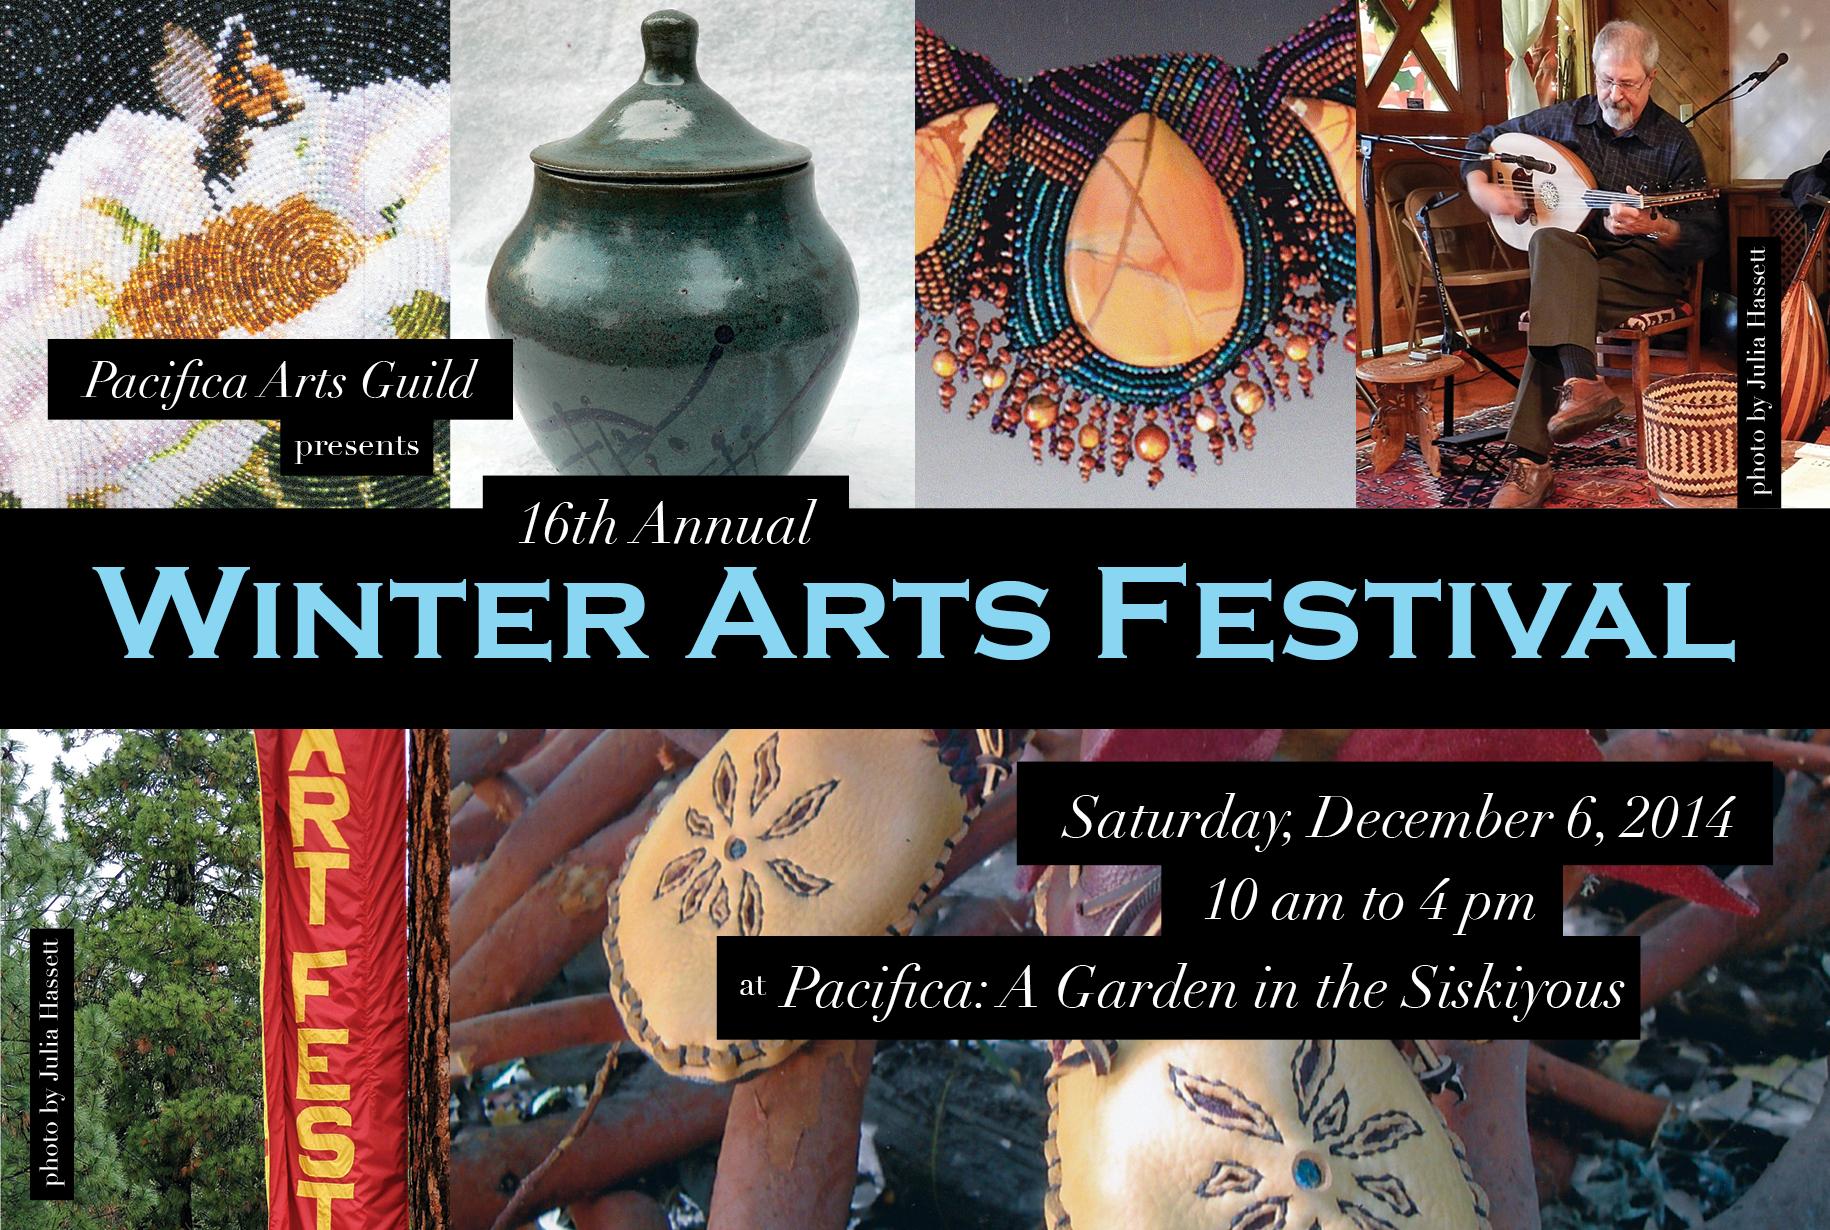 Winter Arts Fest Postcard 2014 Front